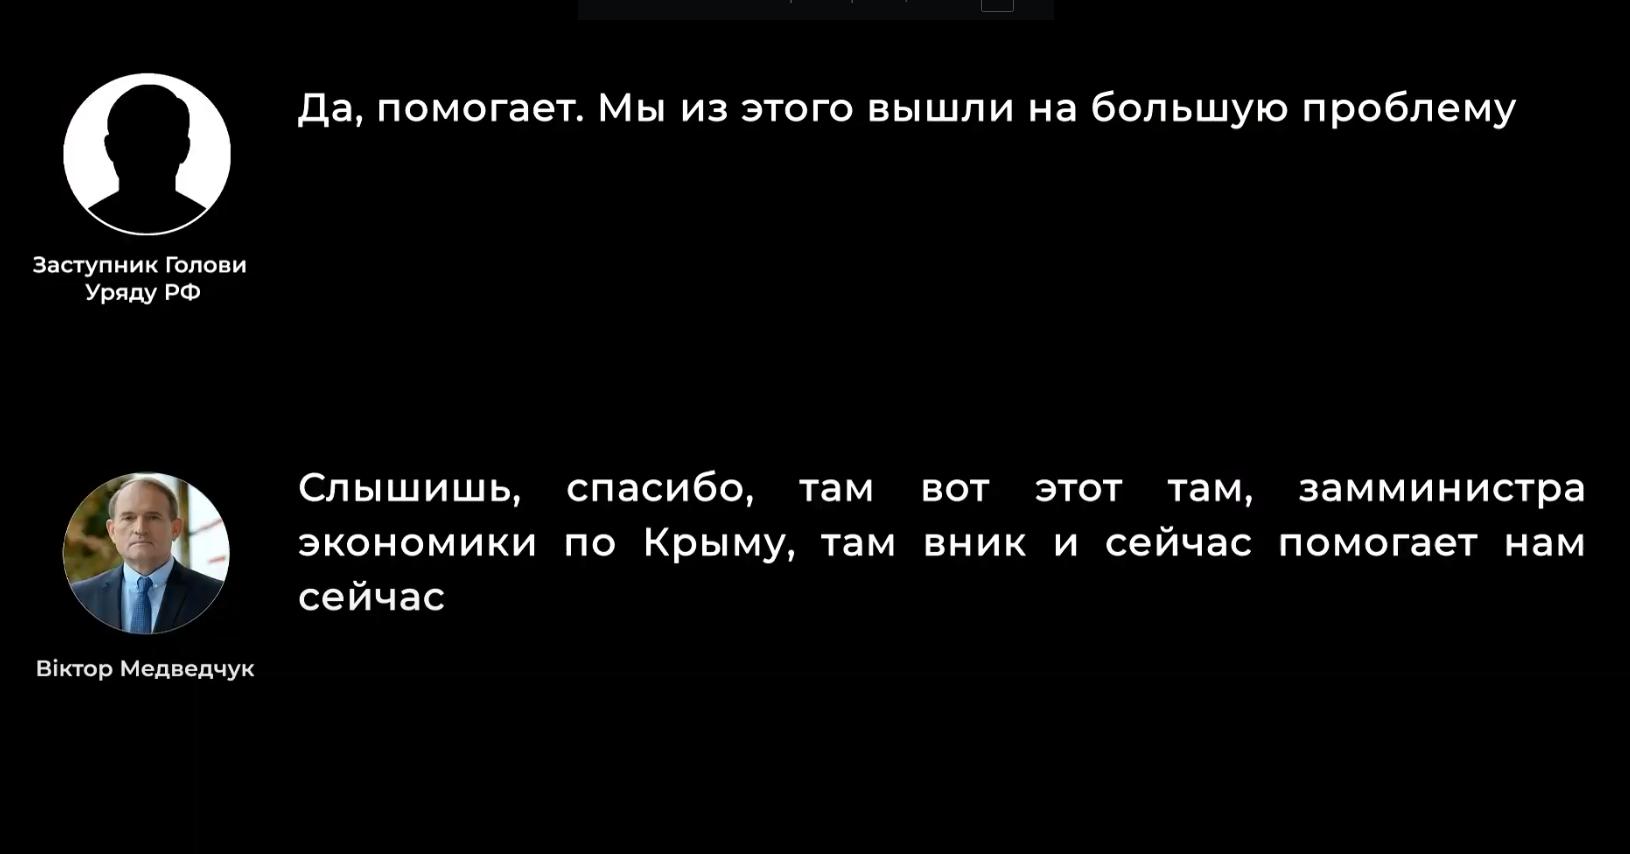 Переговоры якобы Медведчука с представителем правительства РФ.